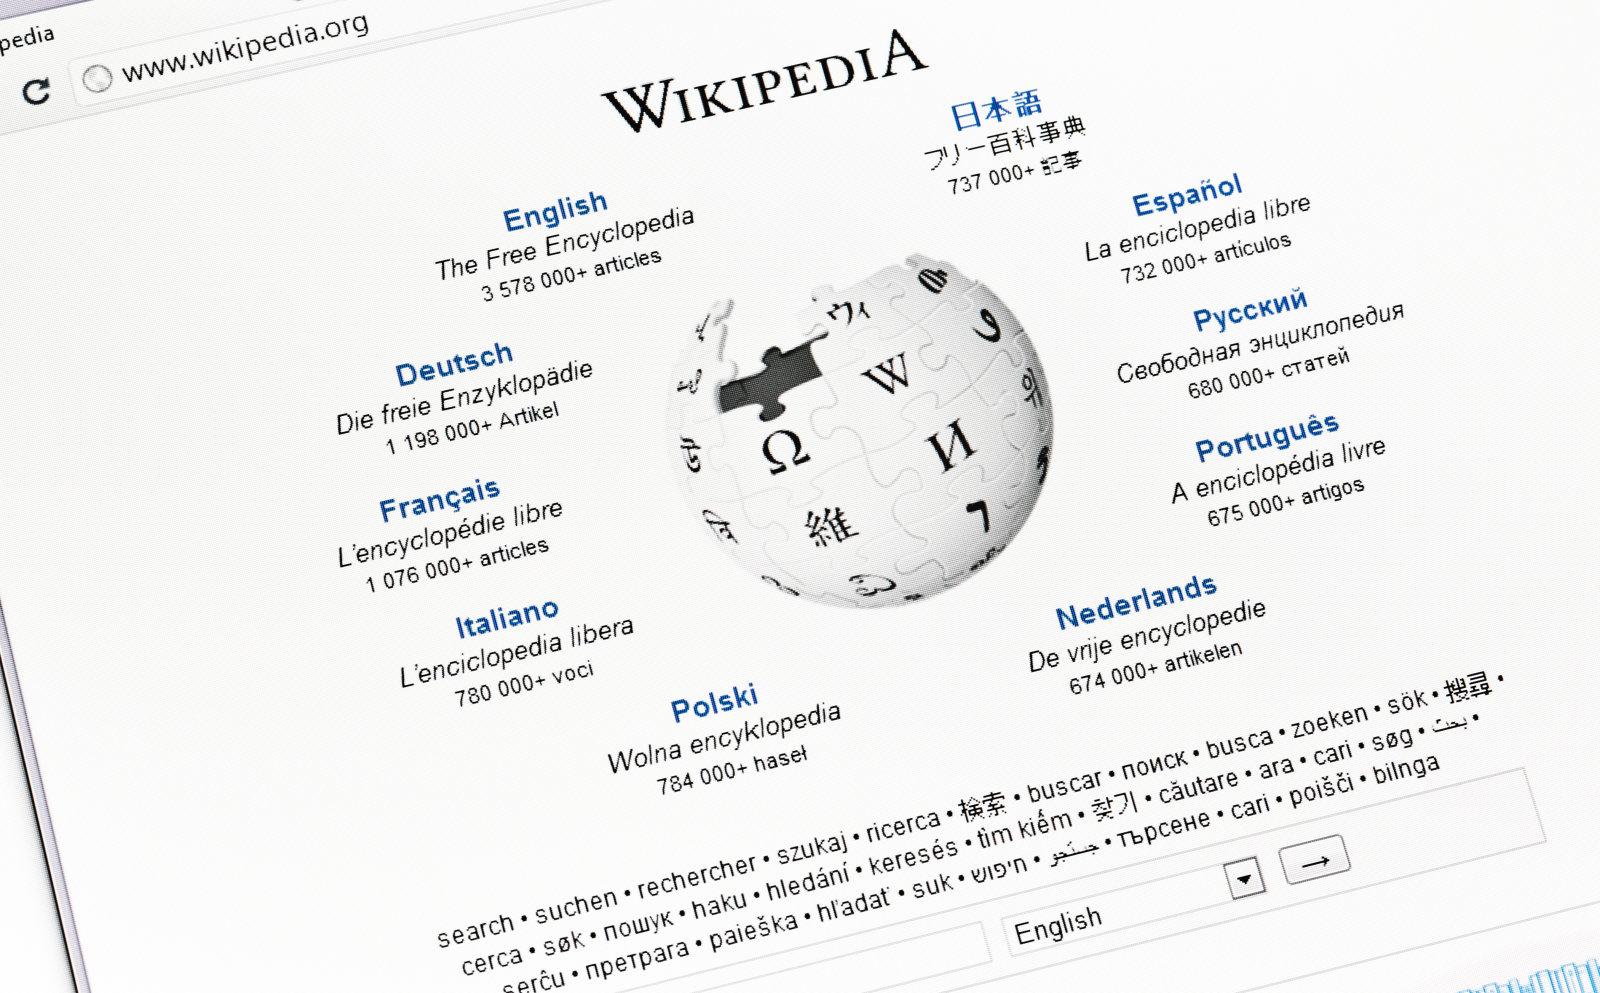 شركة ويكيبيديا